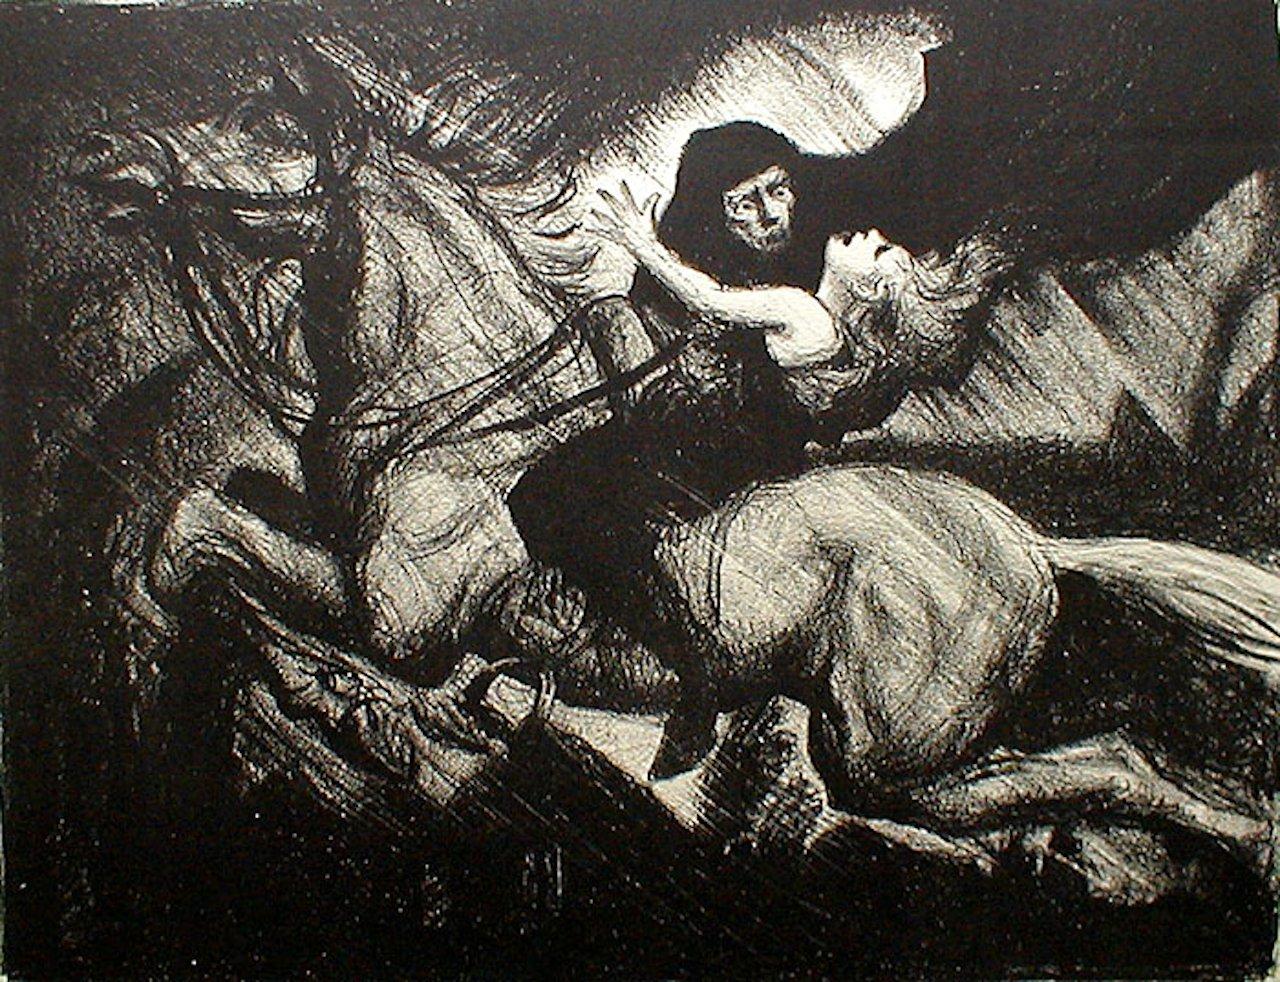 Der Erlkönig in einer Illustration von Albert Sterner. (Bild: wikiwand.com)